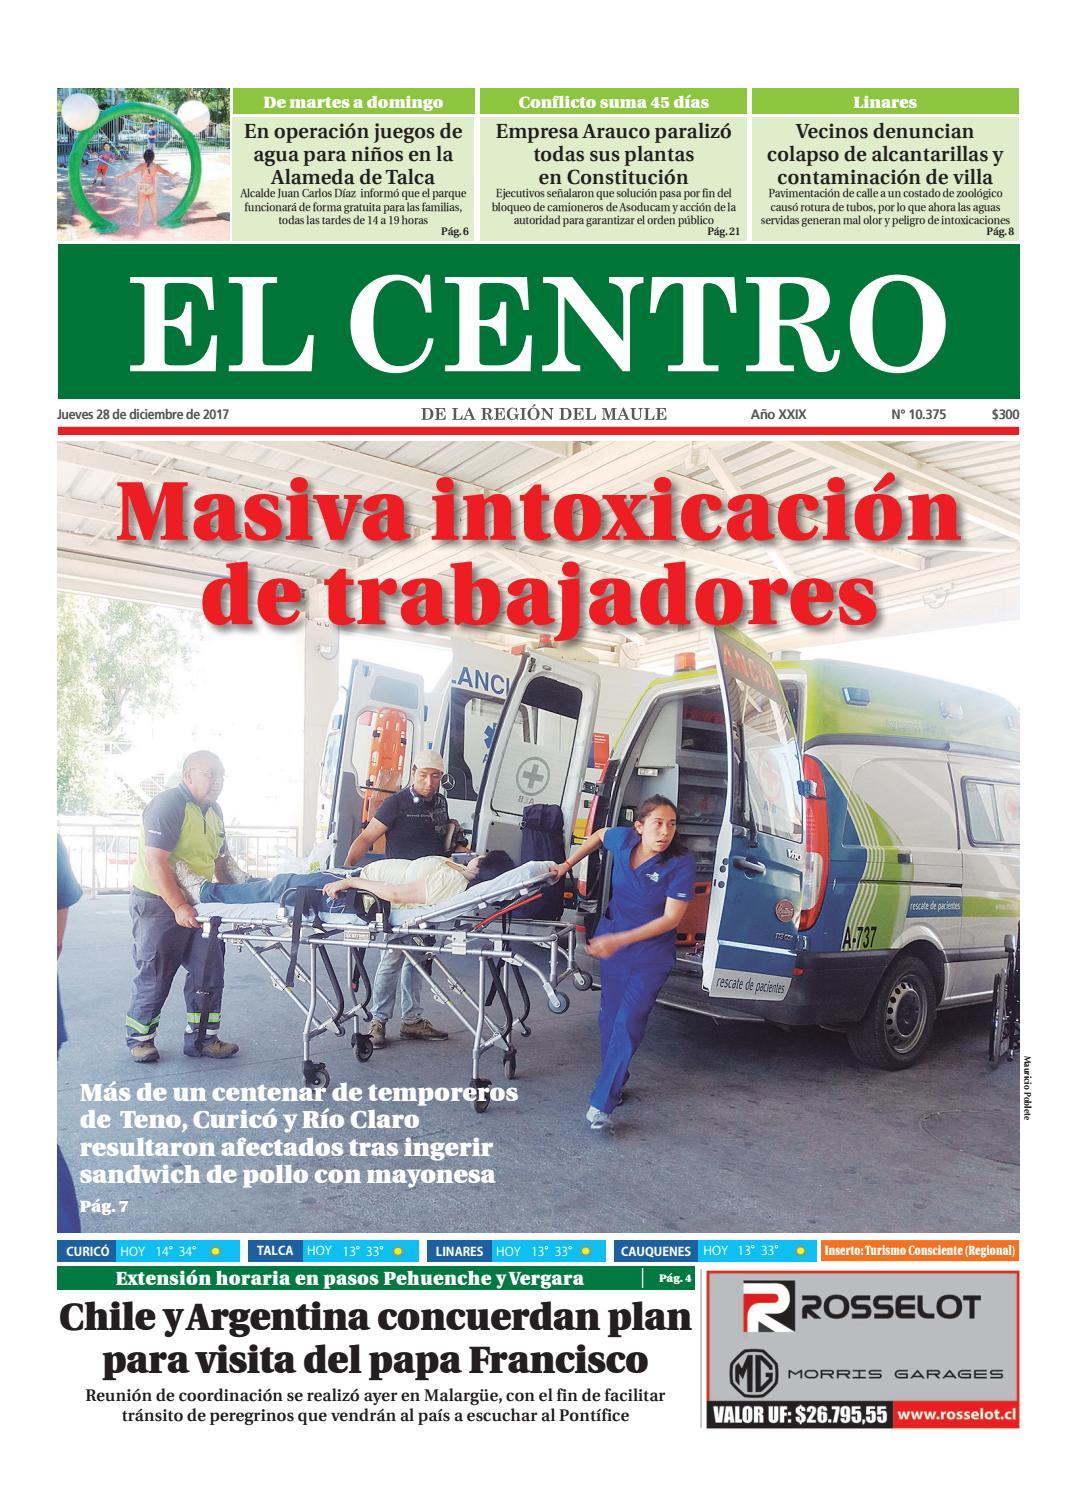 Diario 28 12 2017 by Diario El Centro S.A - issuu